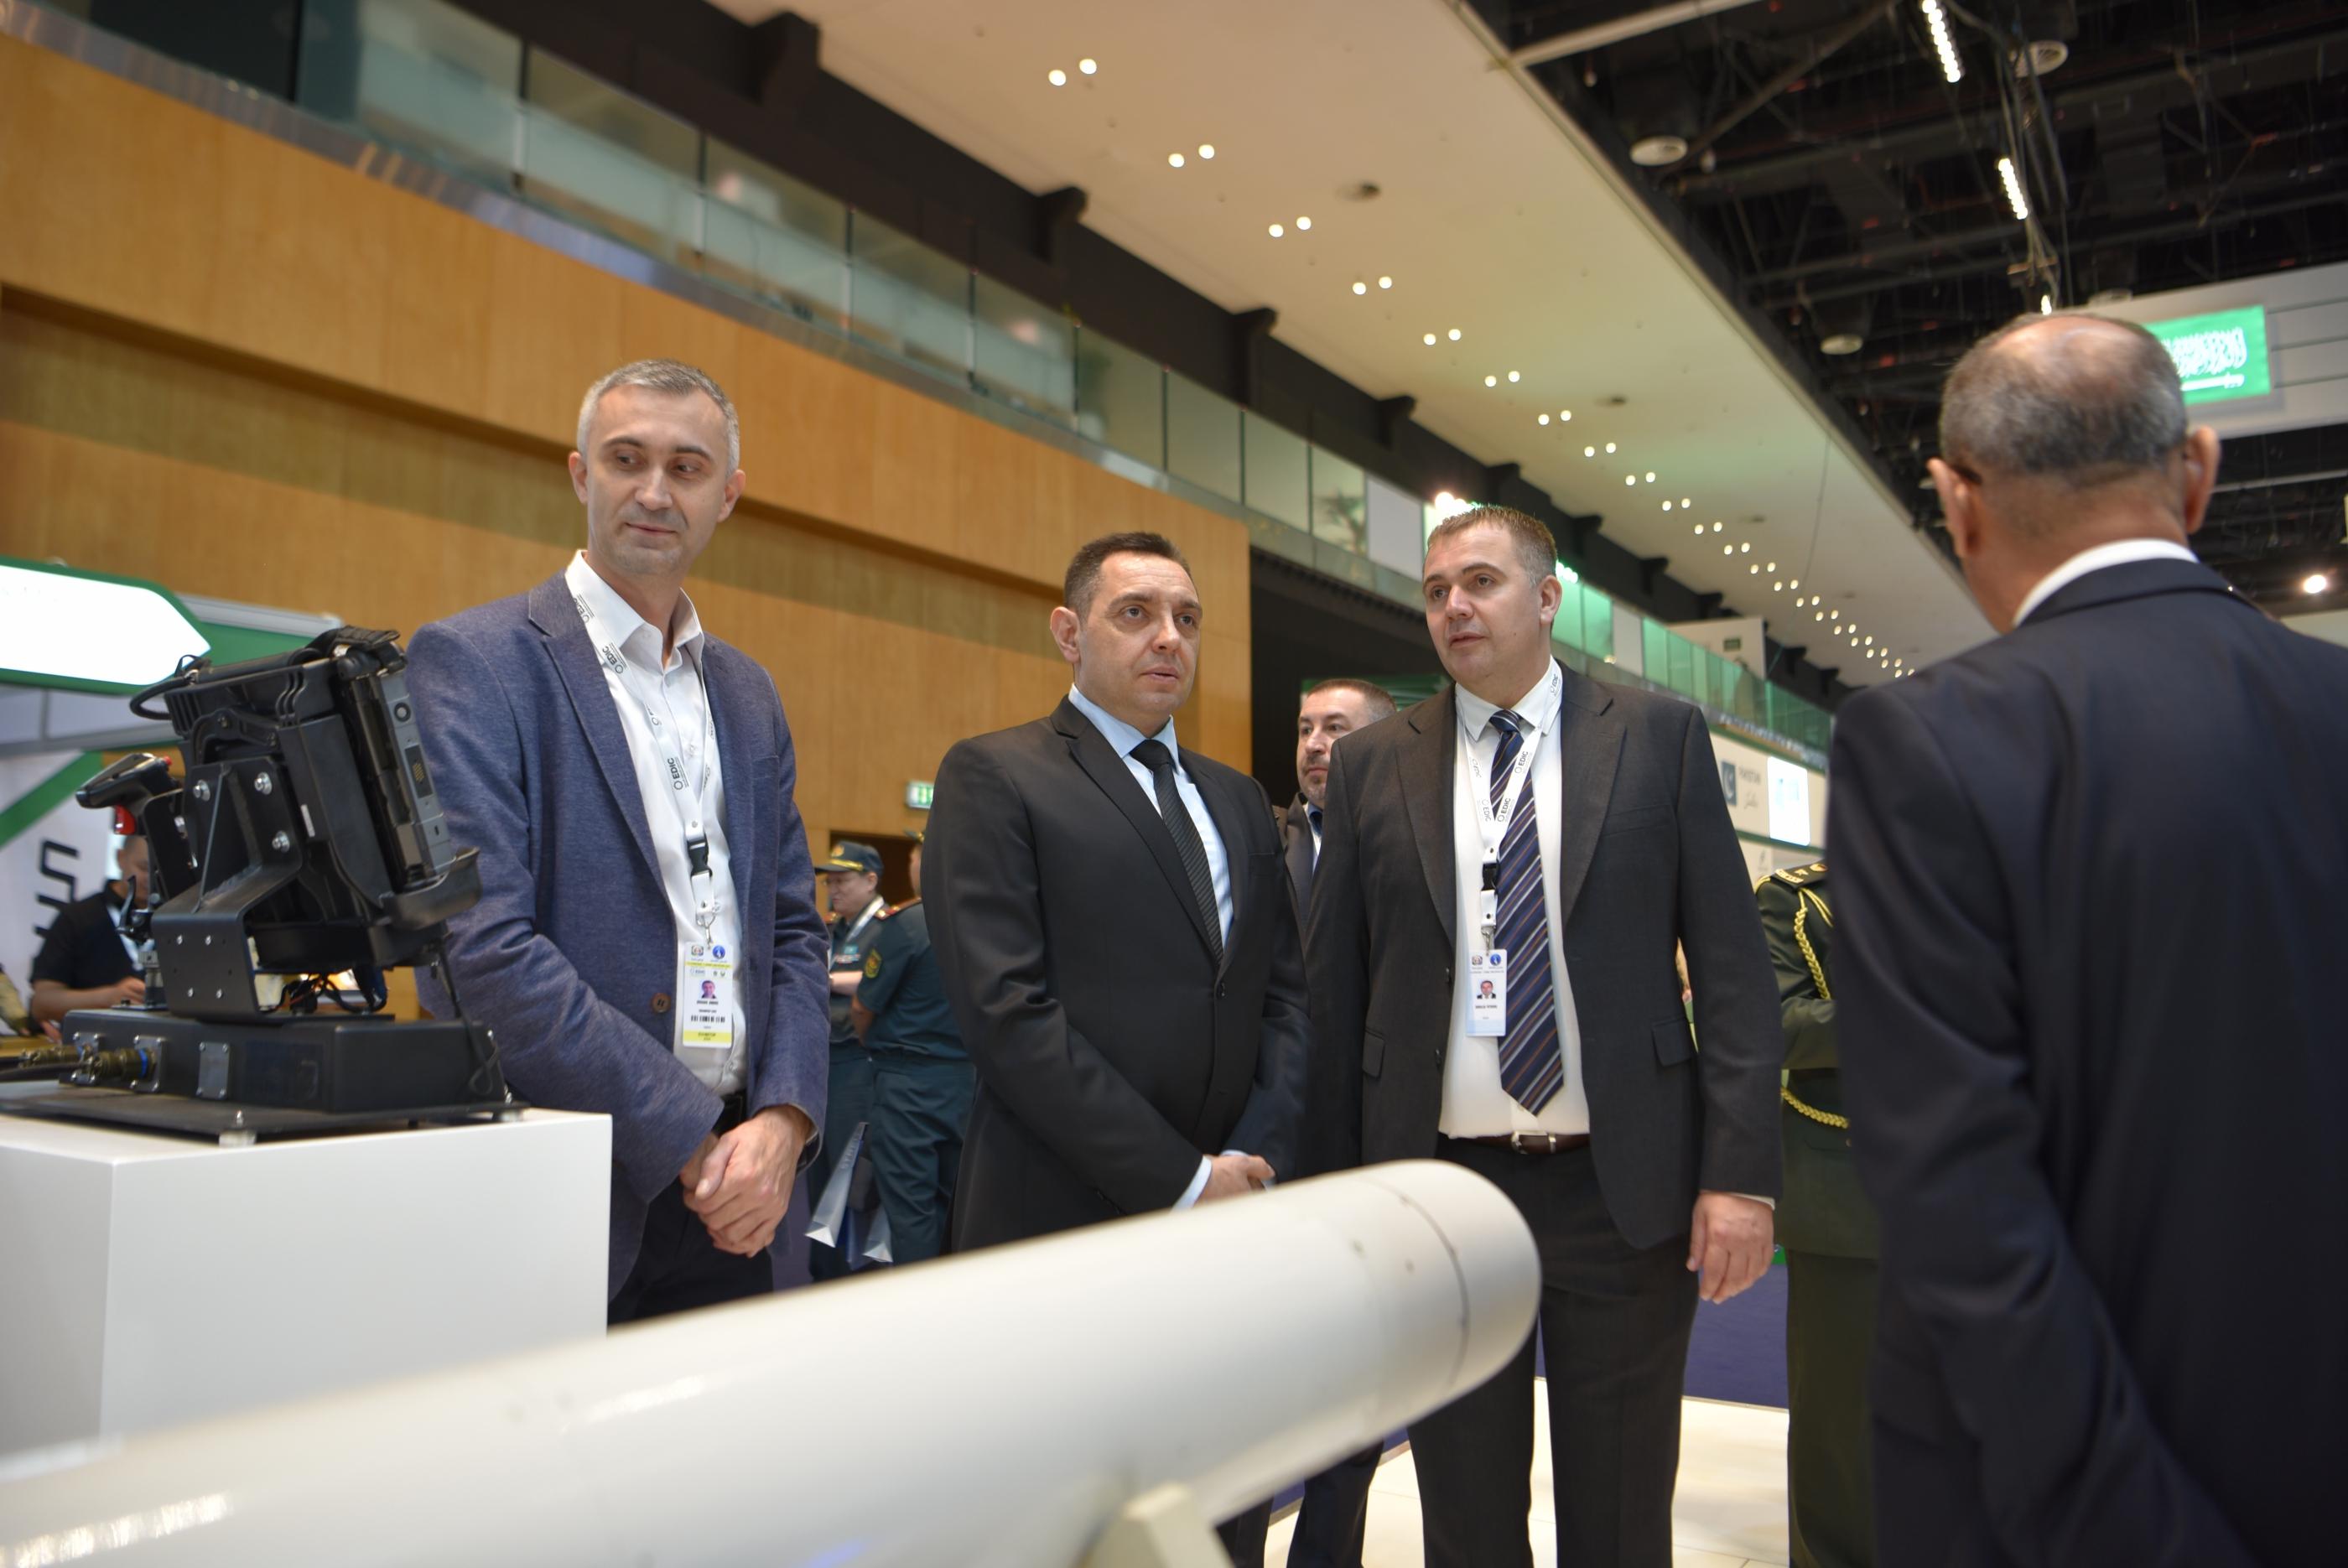 Министар Вулин Велико интересовање за производе српске наменске индустрије